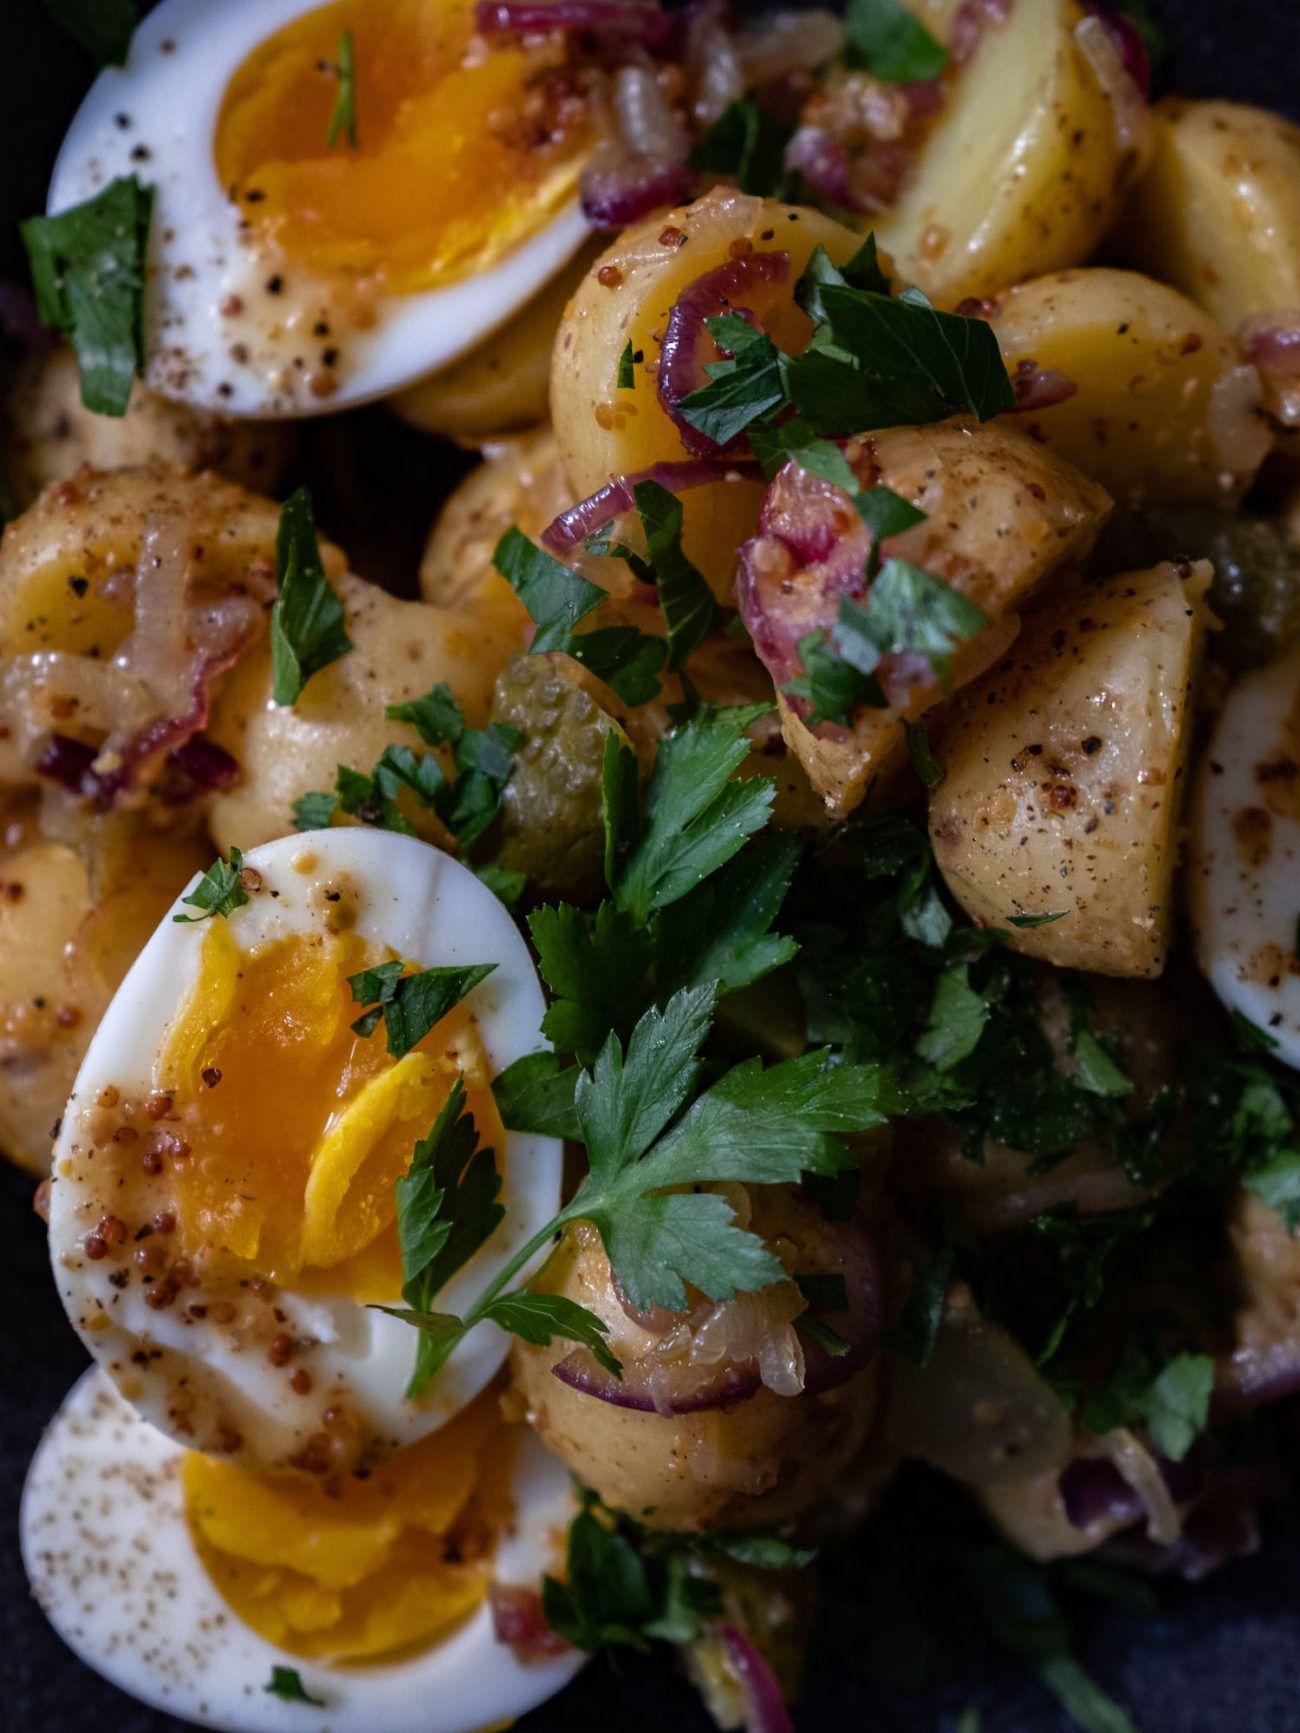 Rezept, Kartoffelsalat mit gekochten Eiern, Senfdressing, Essiggurken, Petersilie, About Fuel, Salat